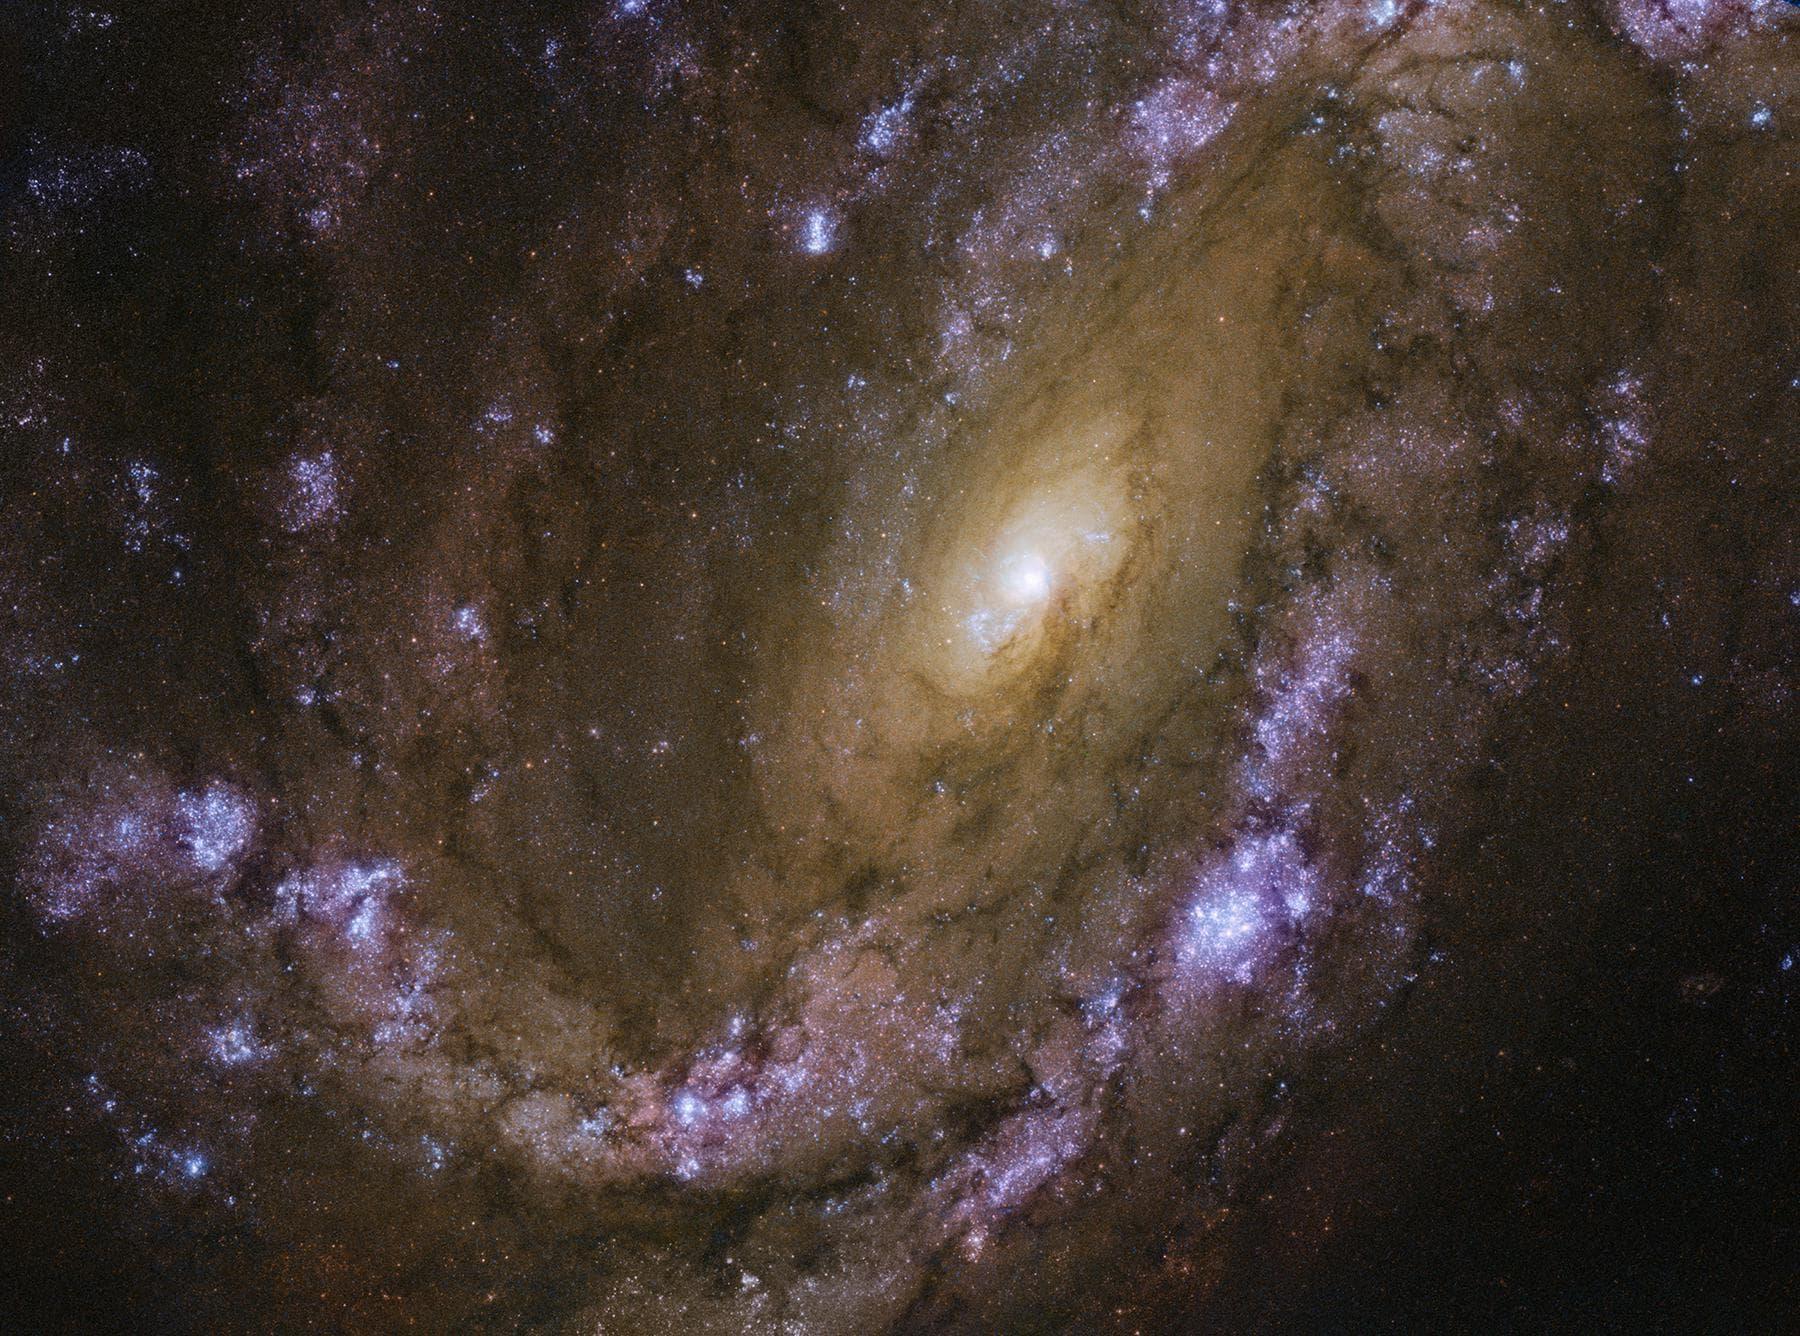 картинки о галактики с названиями причин целей